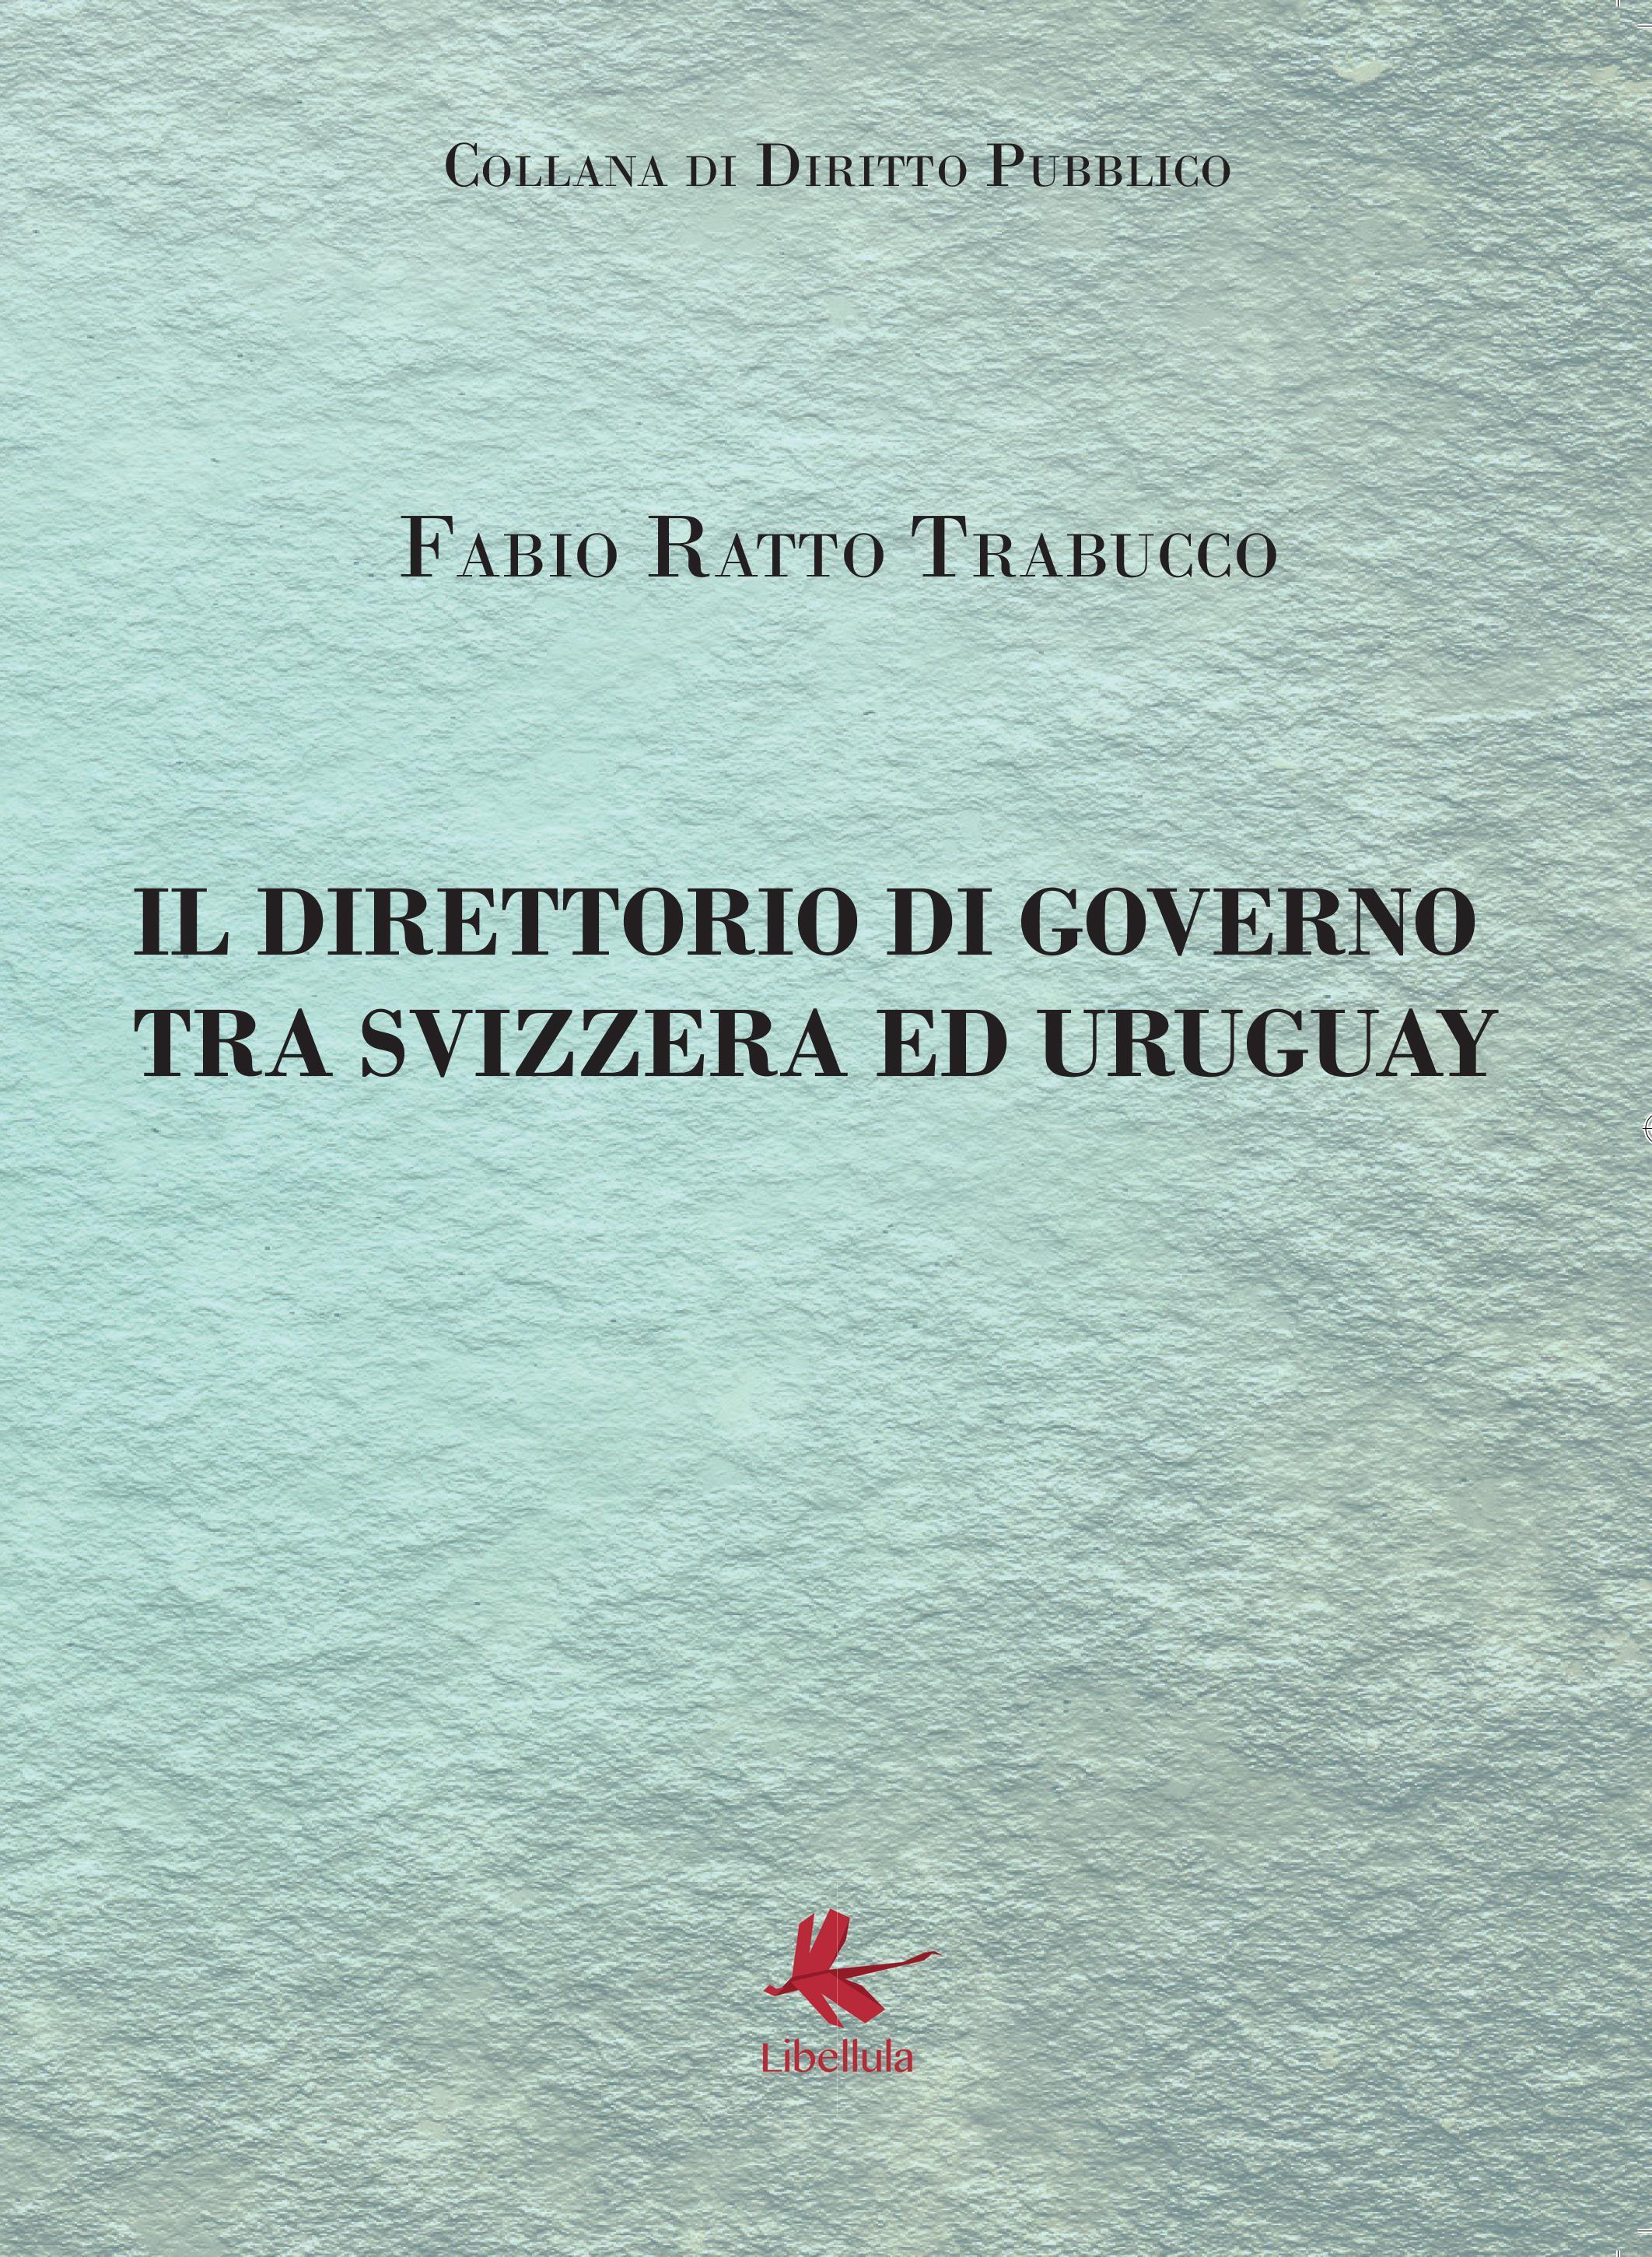 Il direttorio di governo tra Svizzera ed Uruguay